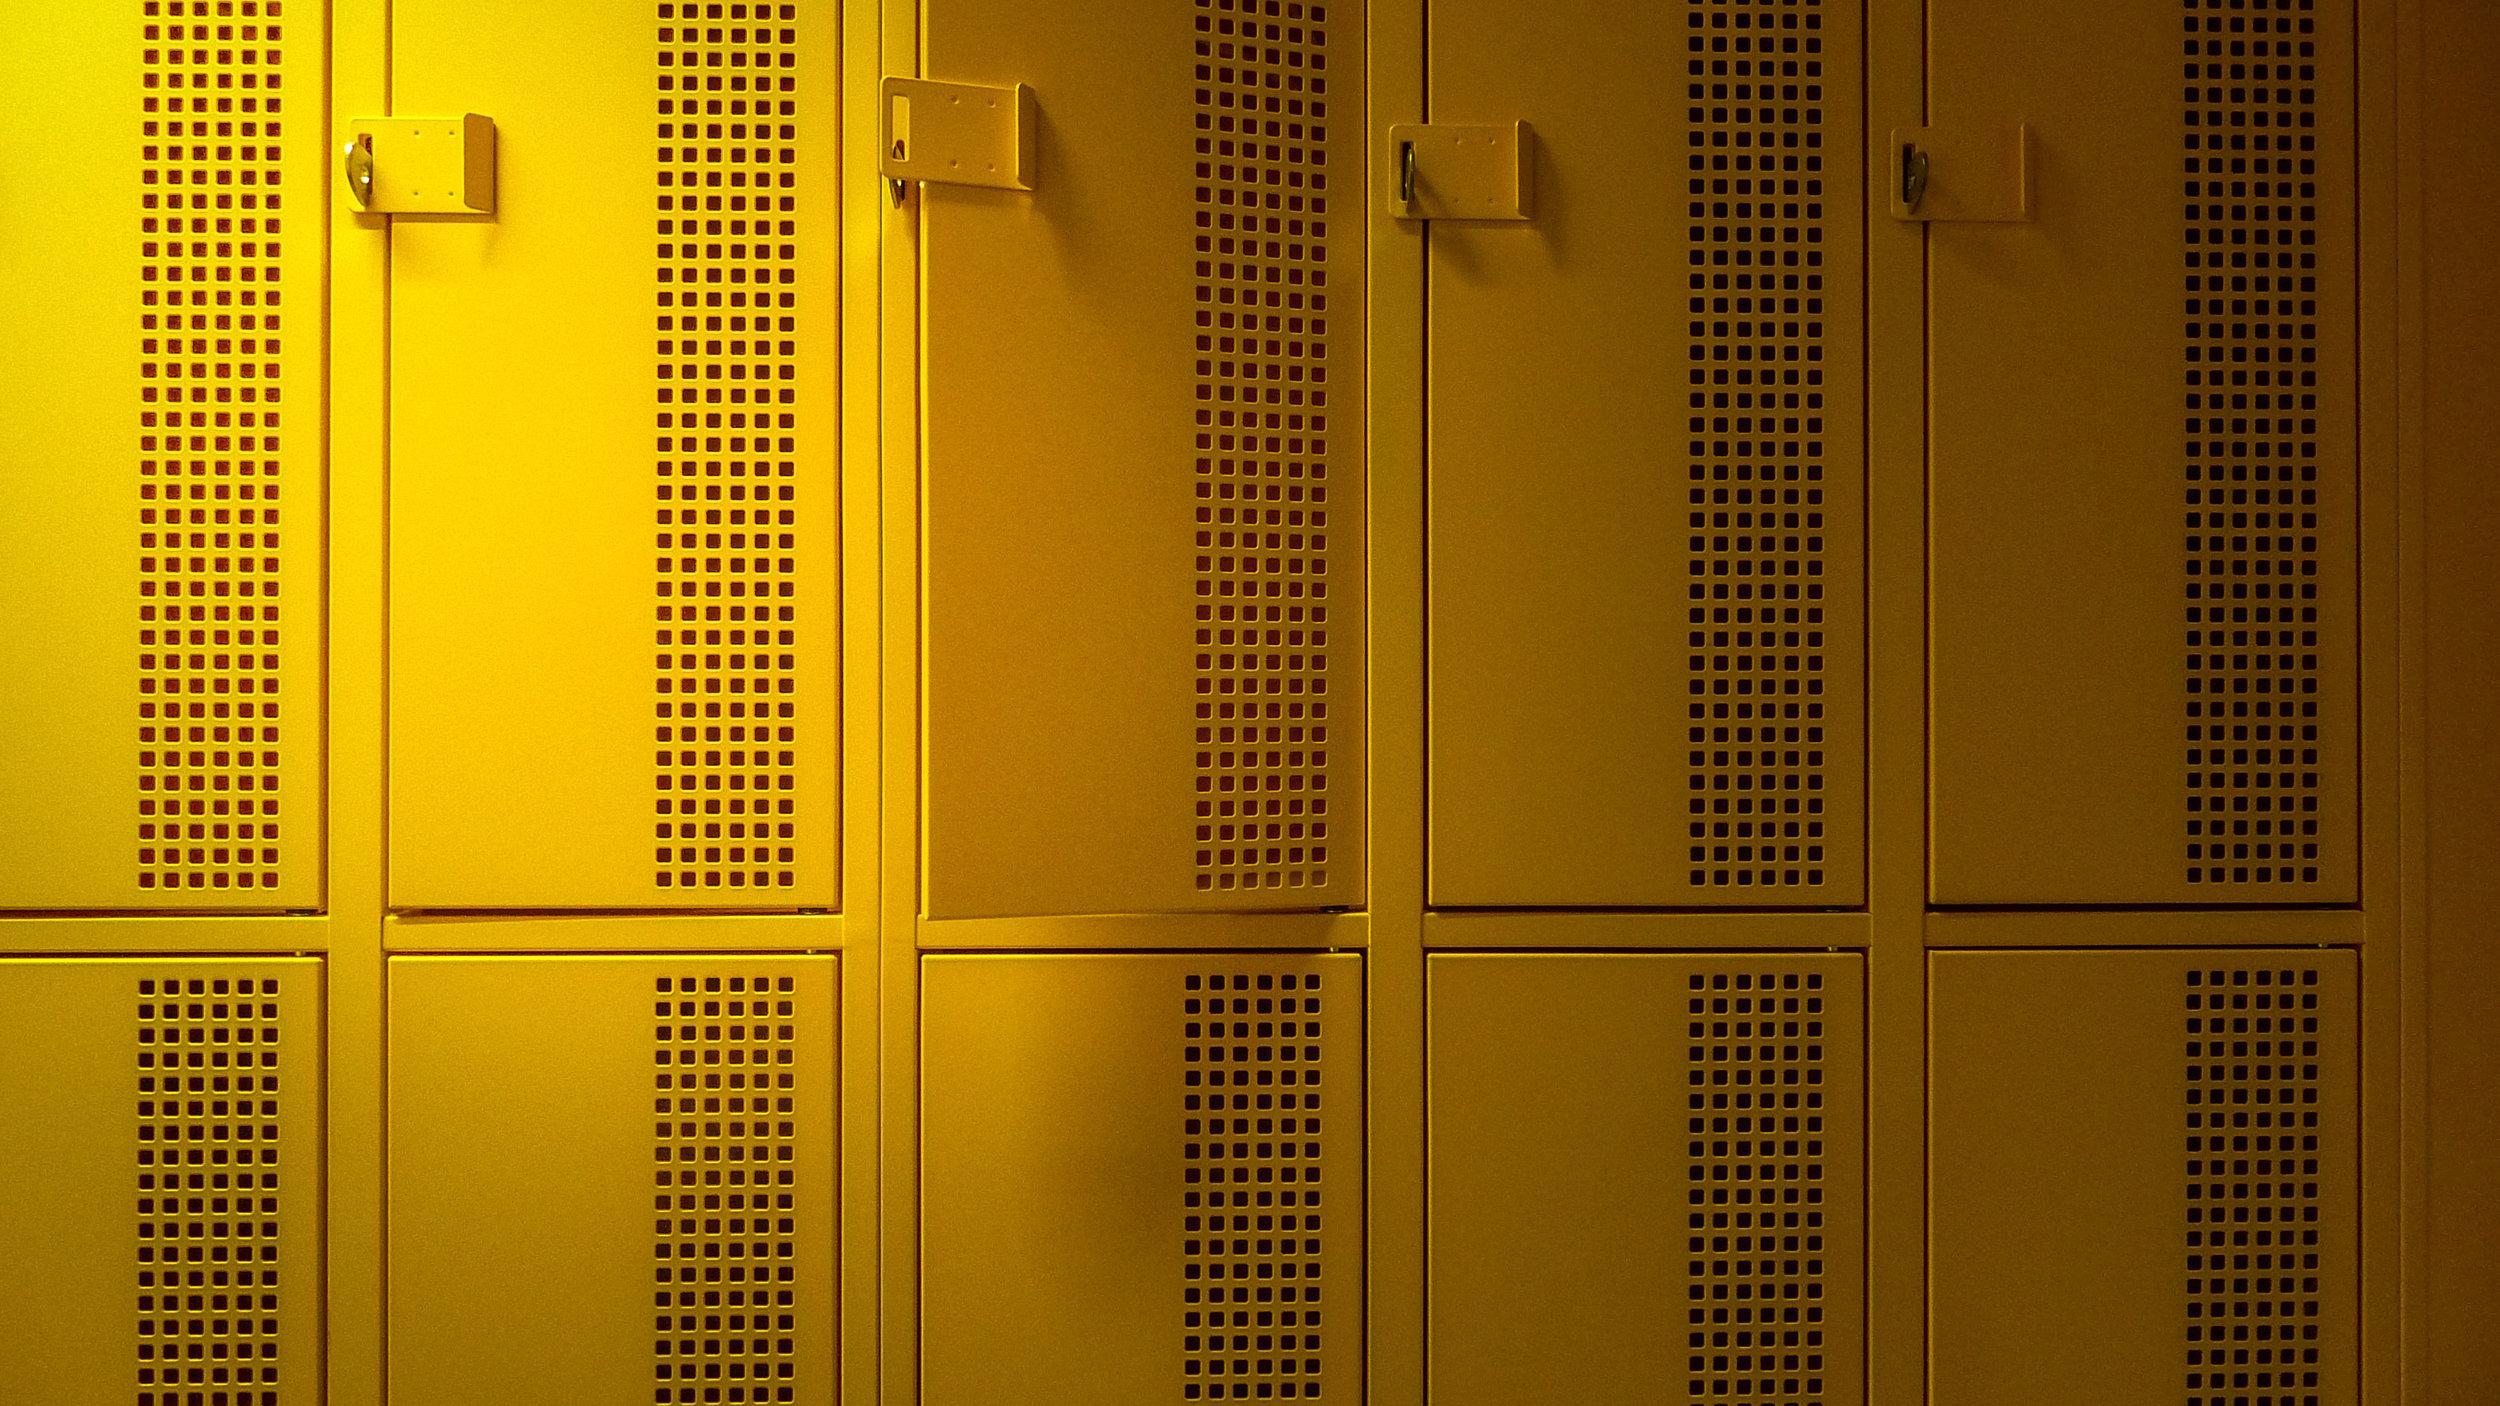 yellow-1070650.jpg